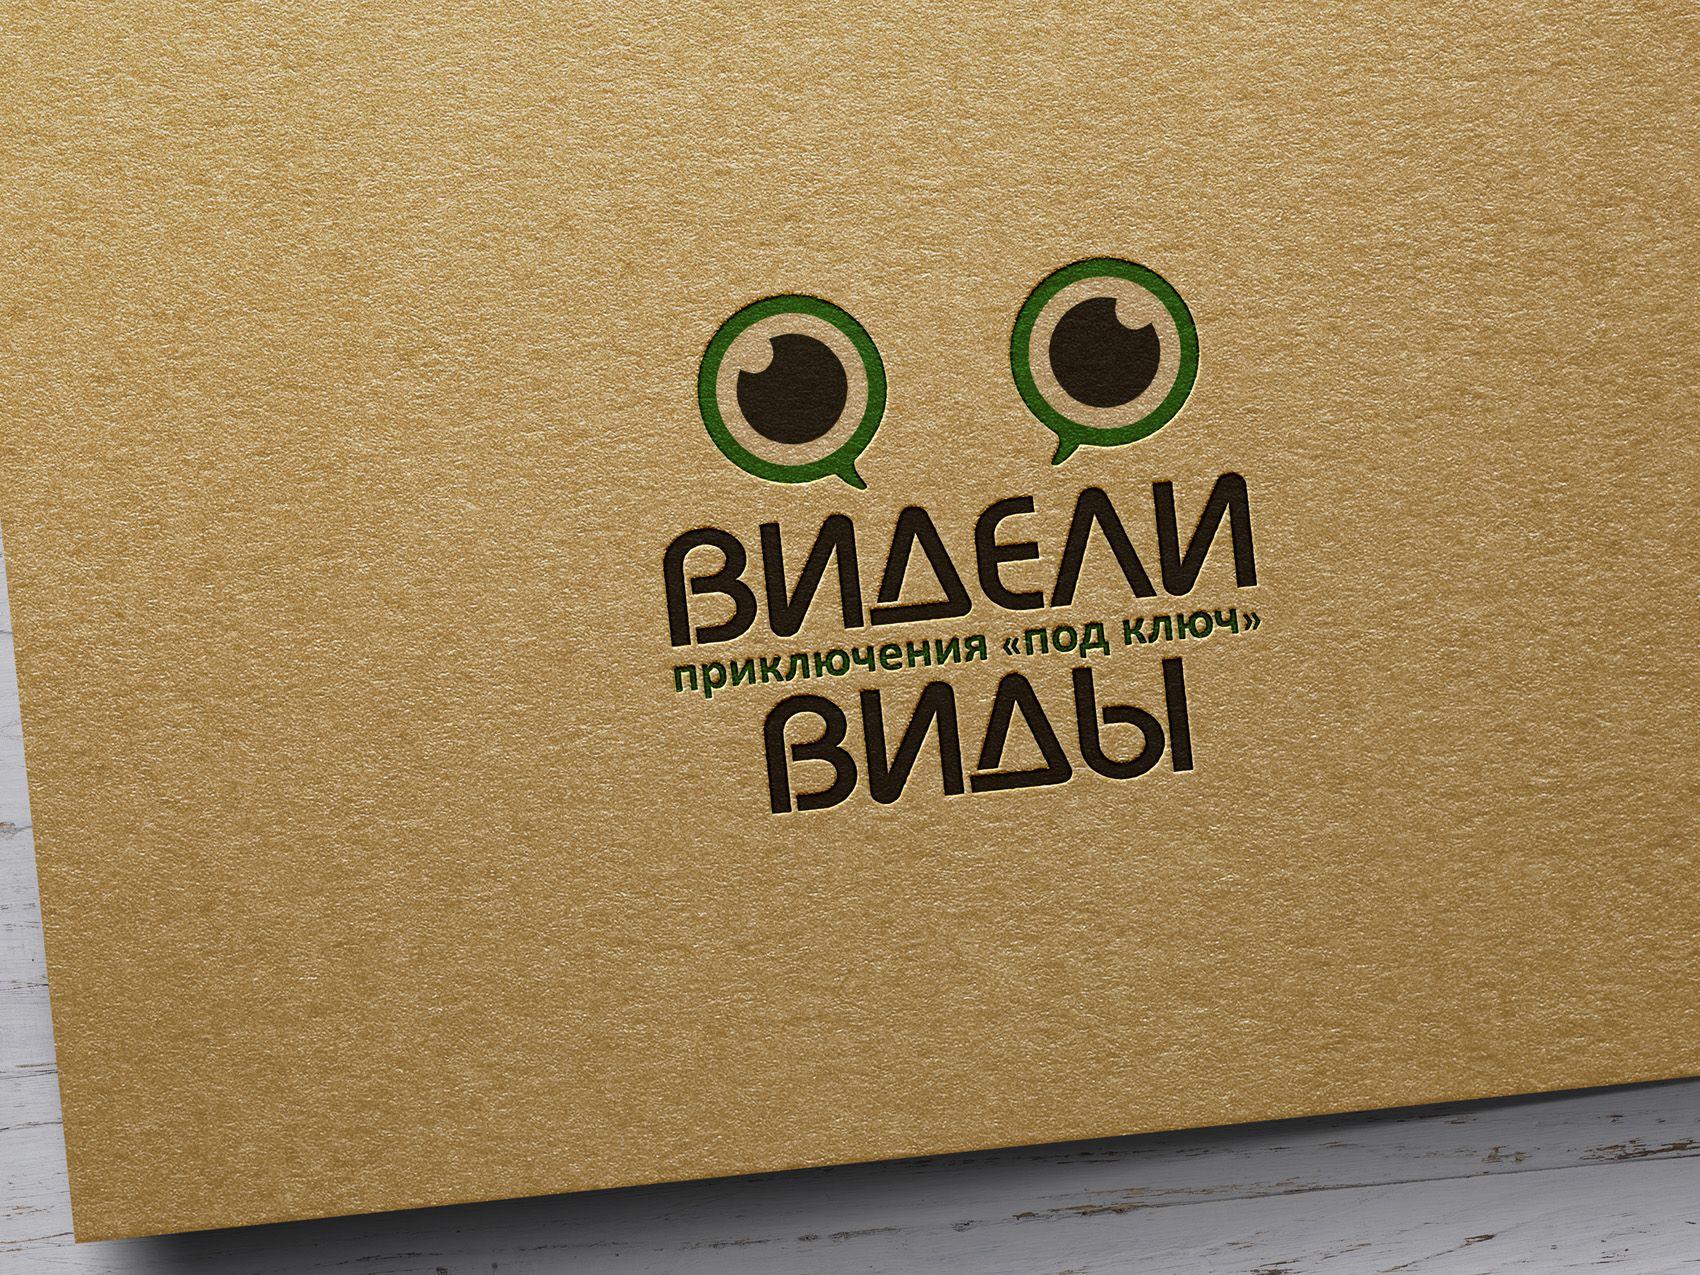 Логотип для Видели Виды - дизайнер yulyok13